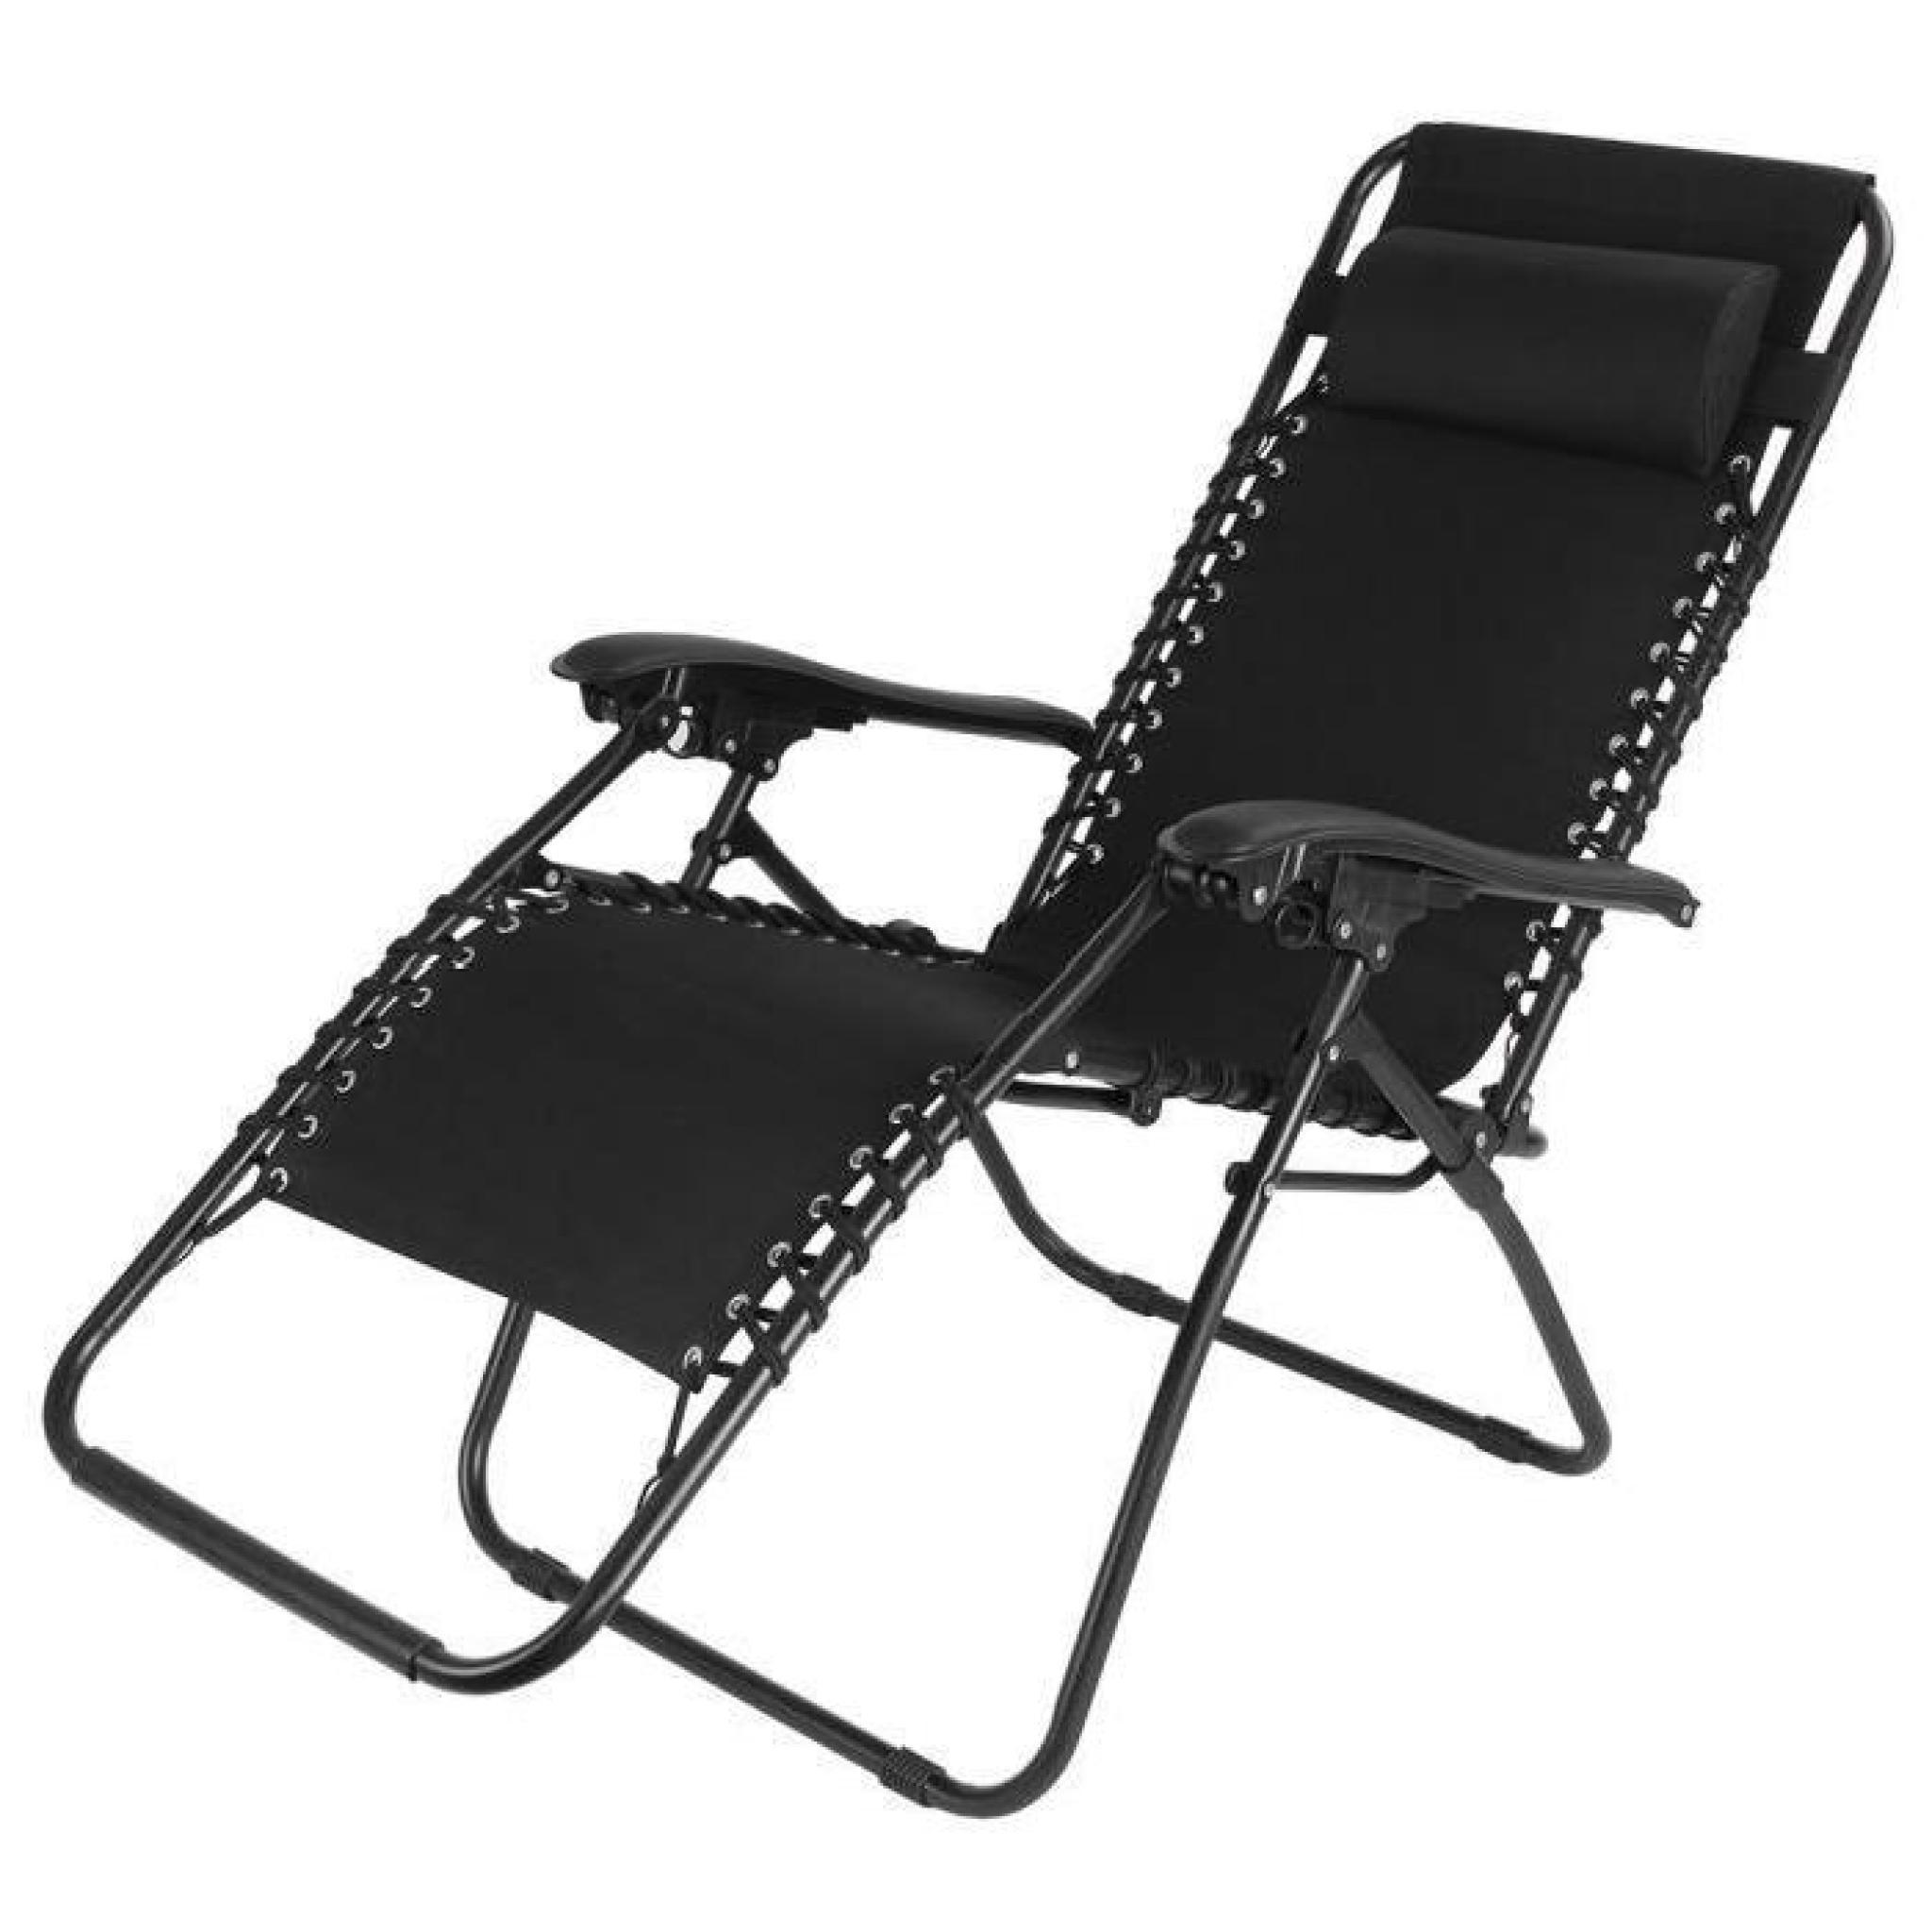 Chaise longue de jardin transat m tal et toile achat - Chaise longue de jardin pas cher ...